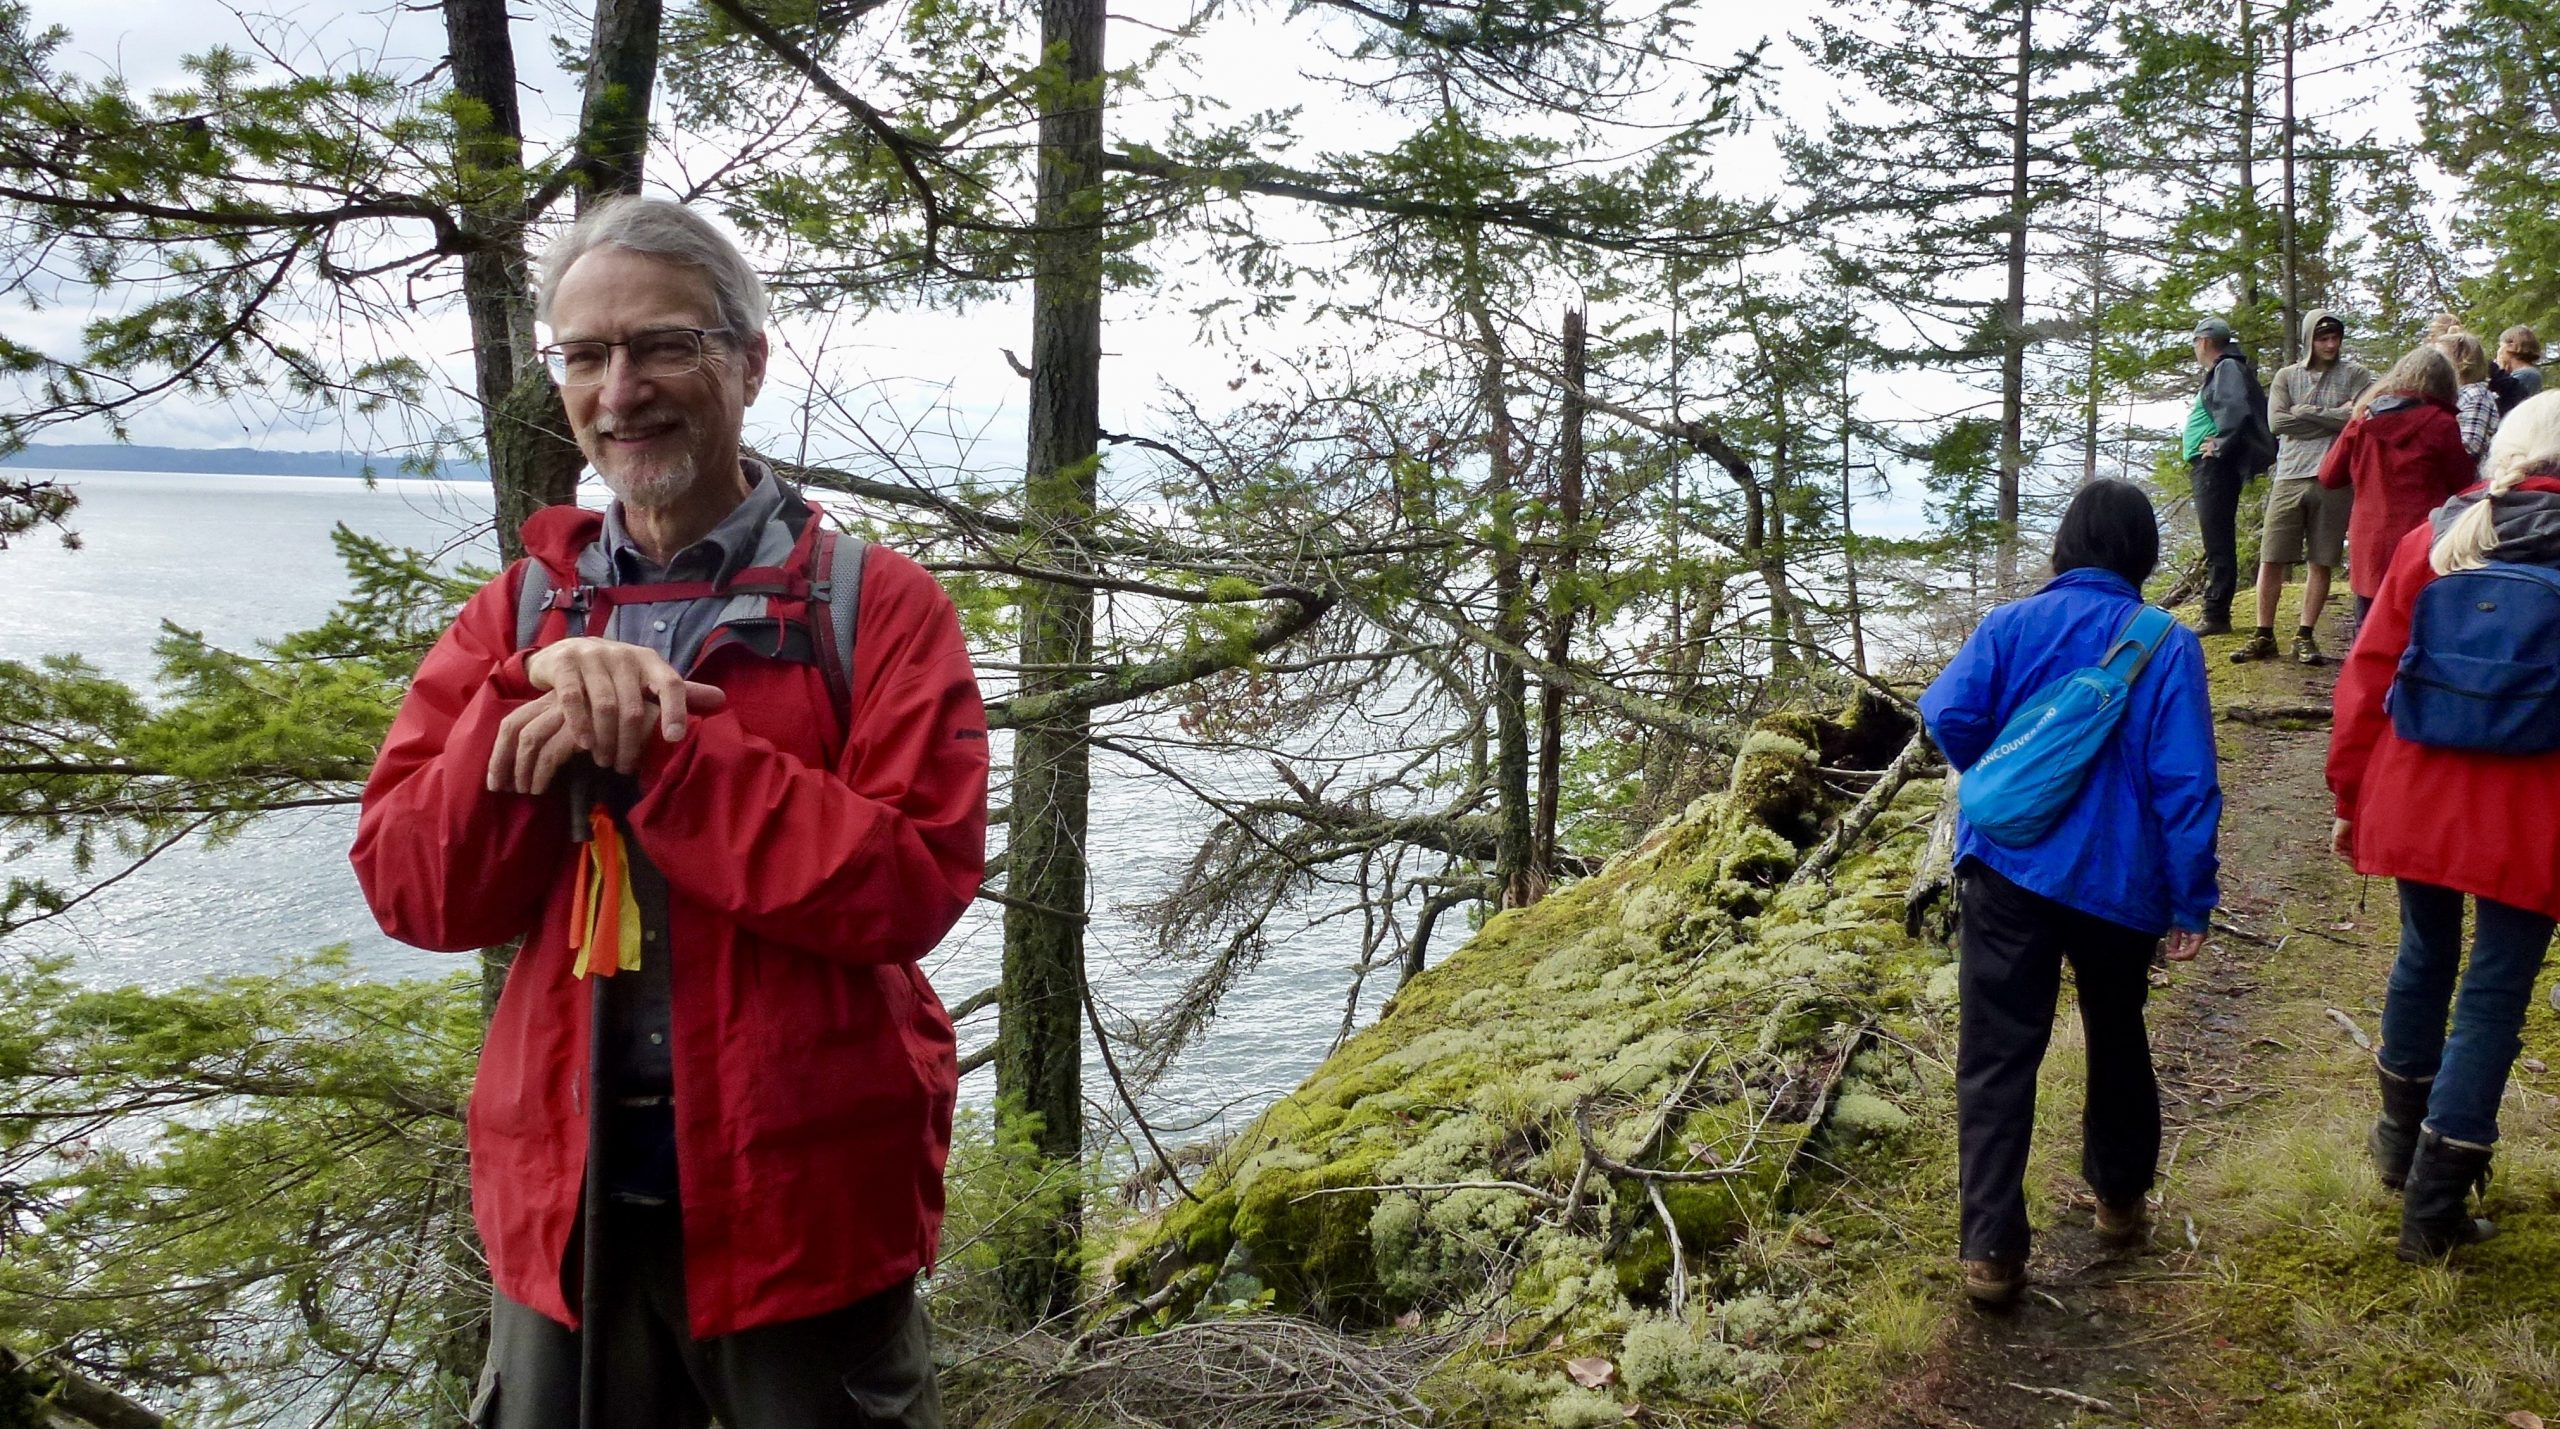 Alan Whitehead, our tour guide